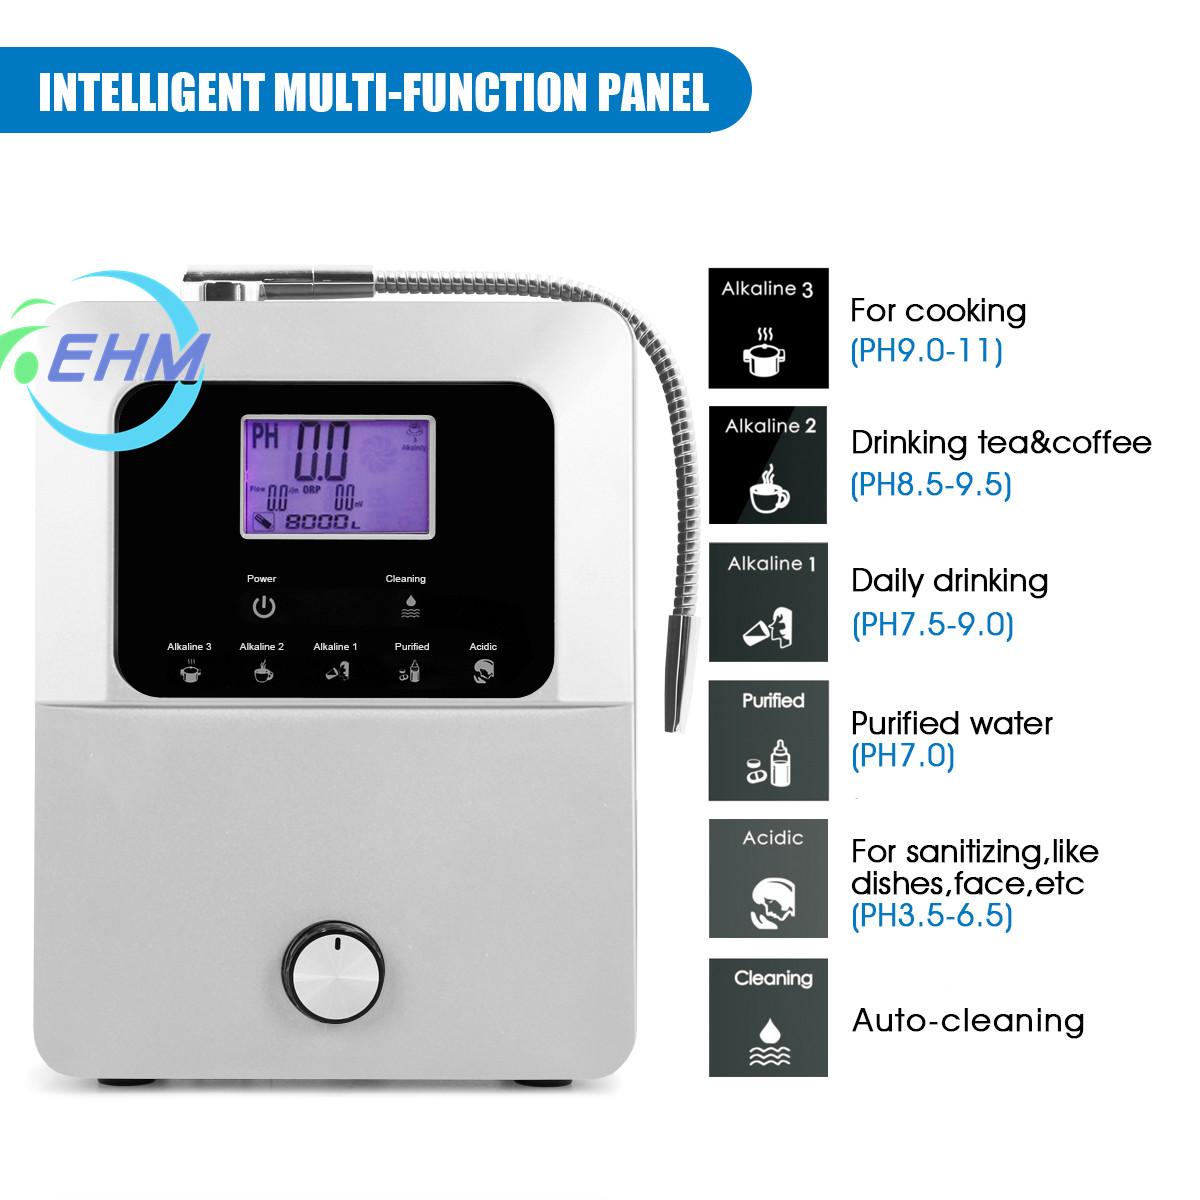 Щелочной ионизатор воды, 11 пластин, сенсорная панель управления, генератор водородной воды, OEM, горячая Распродажа, ионизатор воды, очиститель